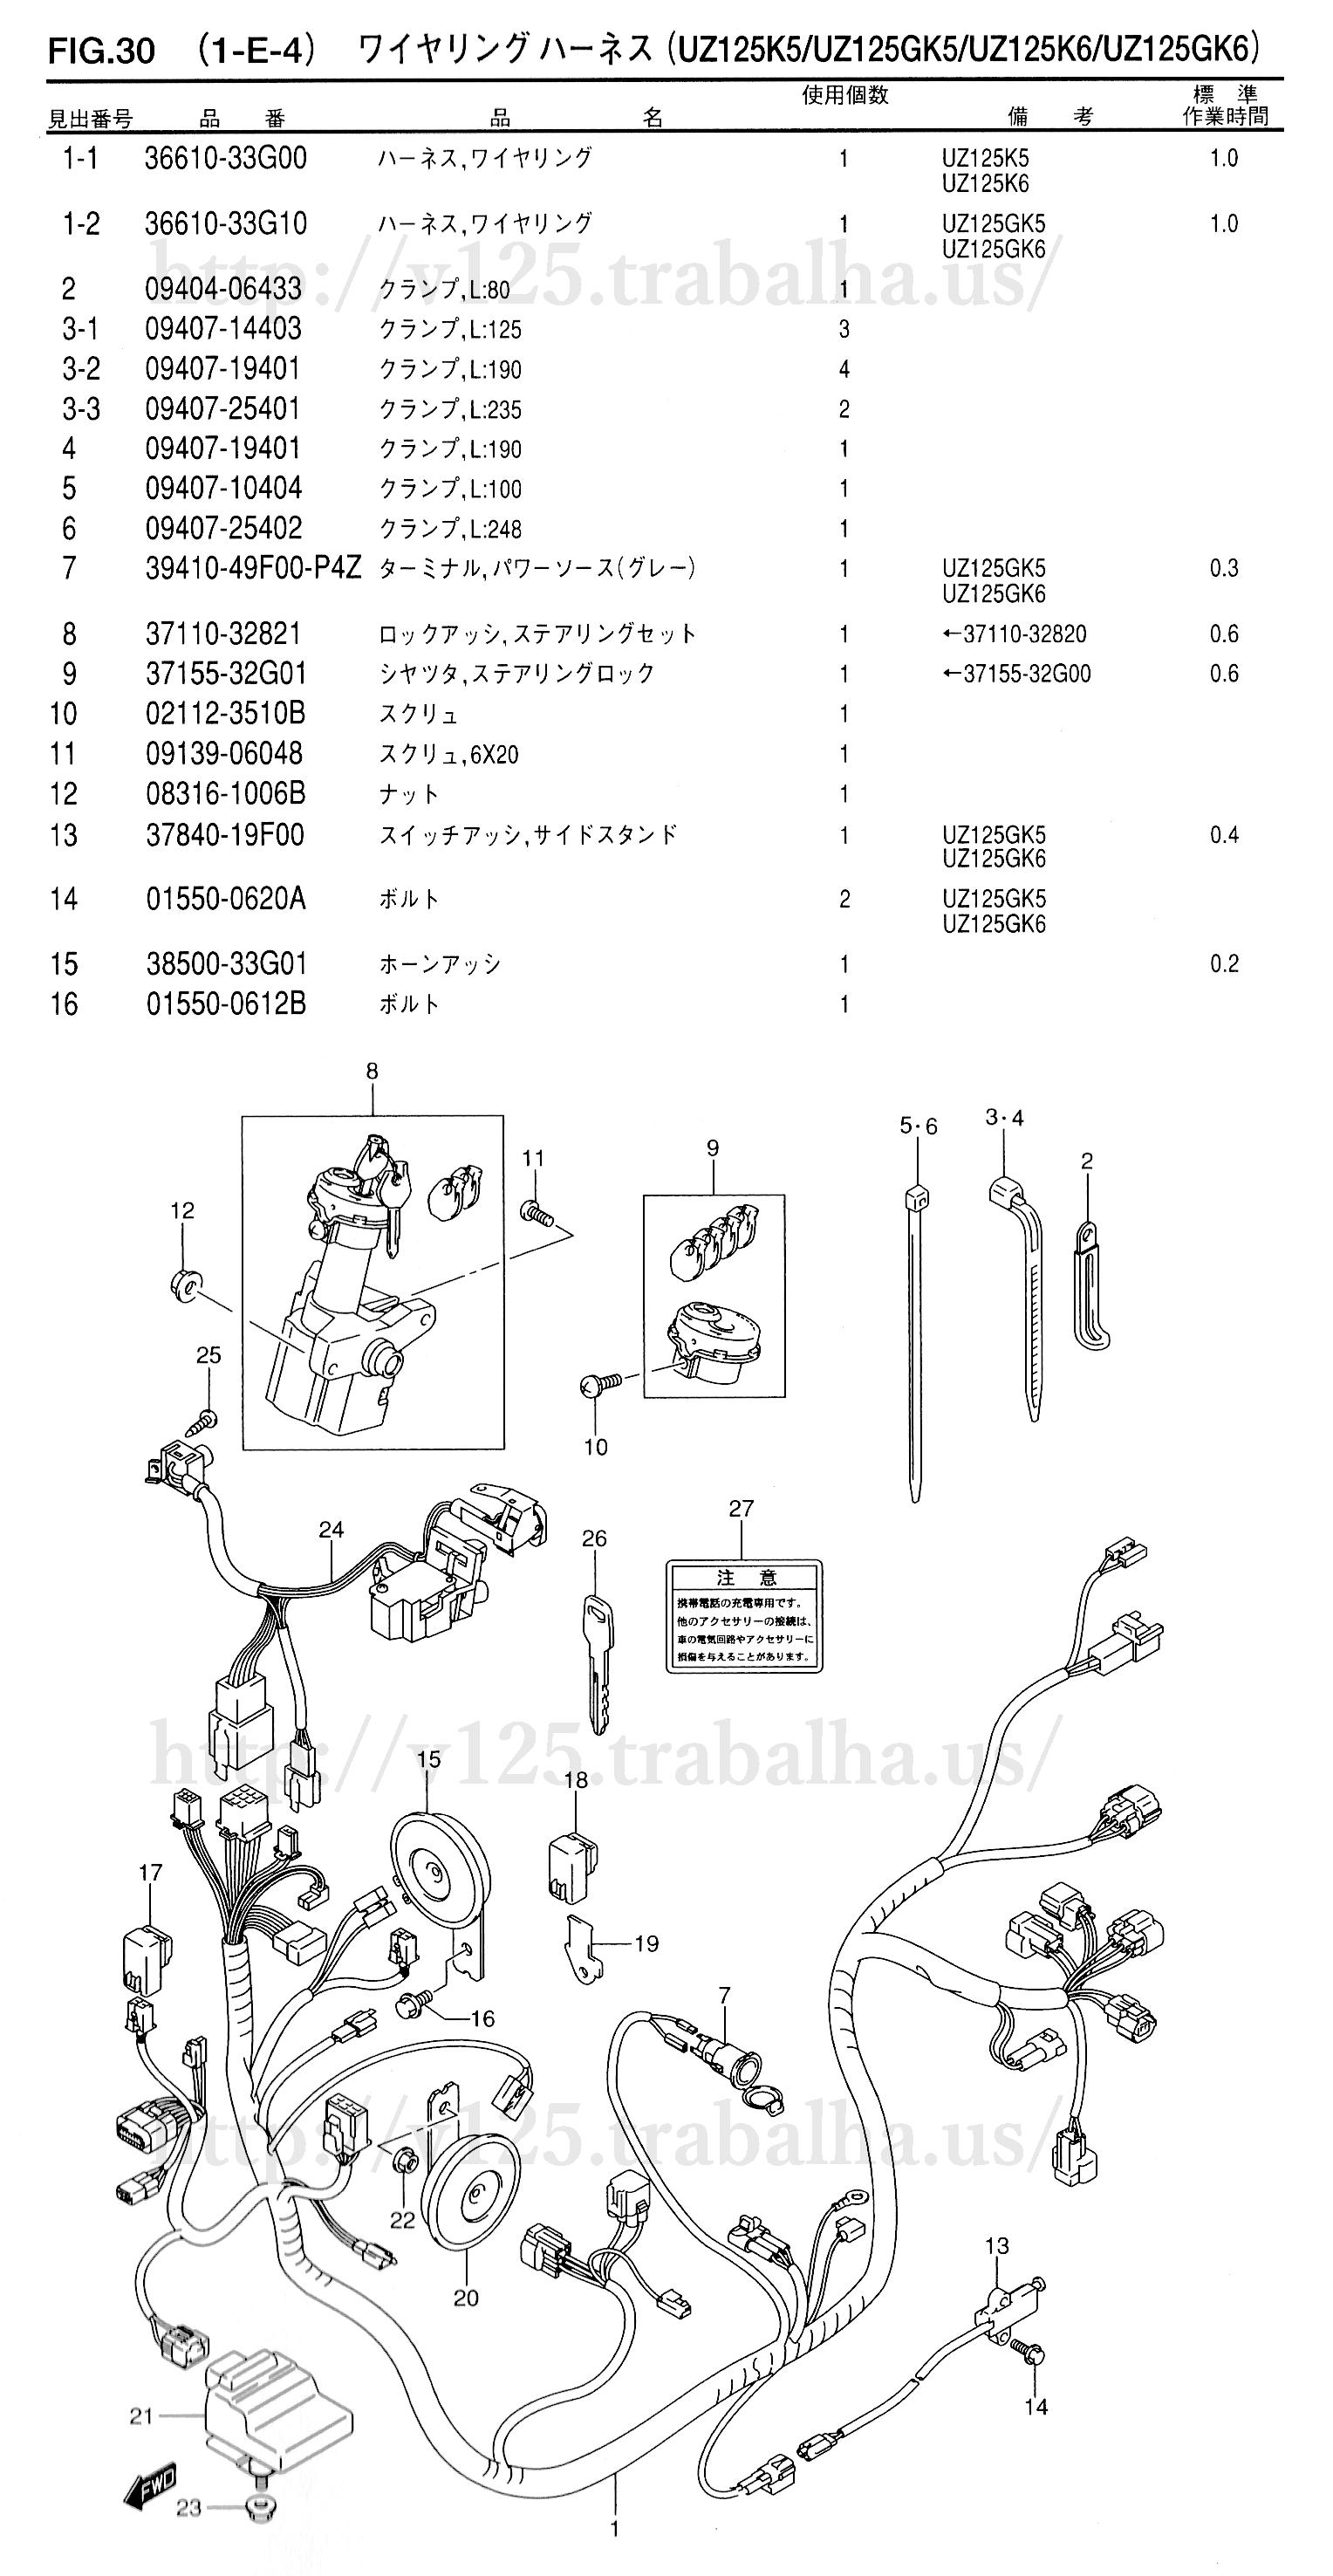 FIG.30(1-E-4)ワイヤリング ハーネス(UZ125K5/UZ125GK5/UZ125K6/UZ125GK6)